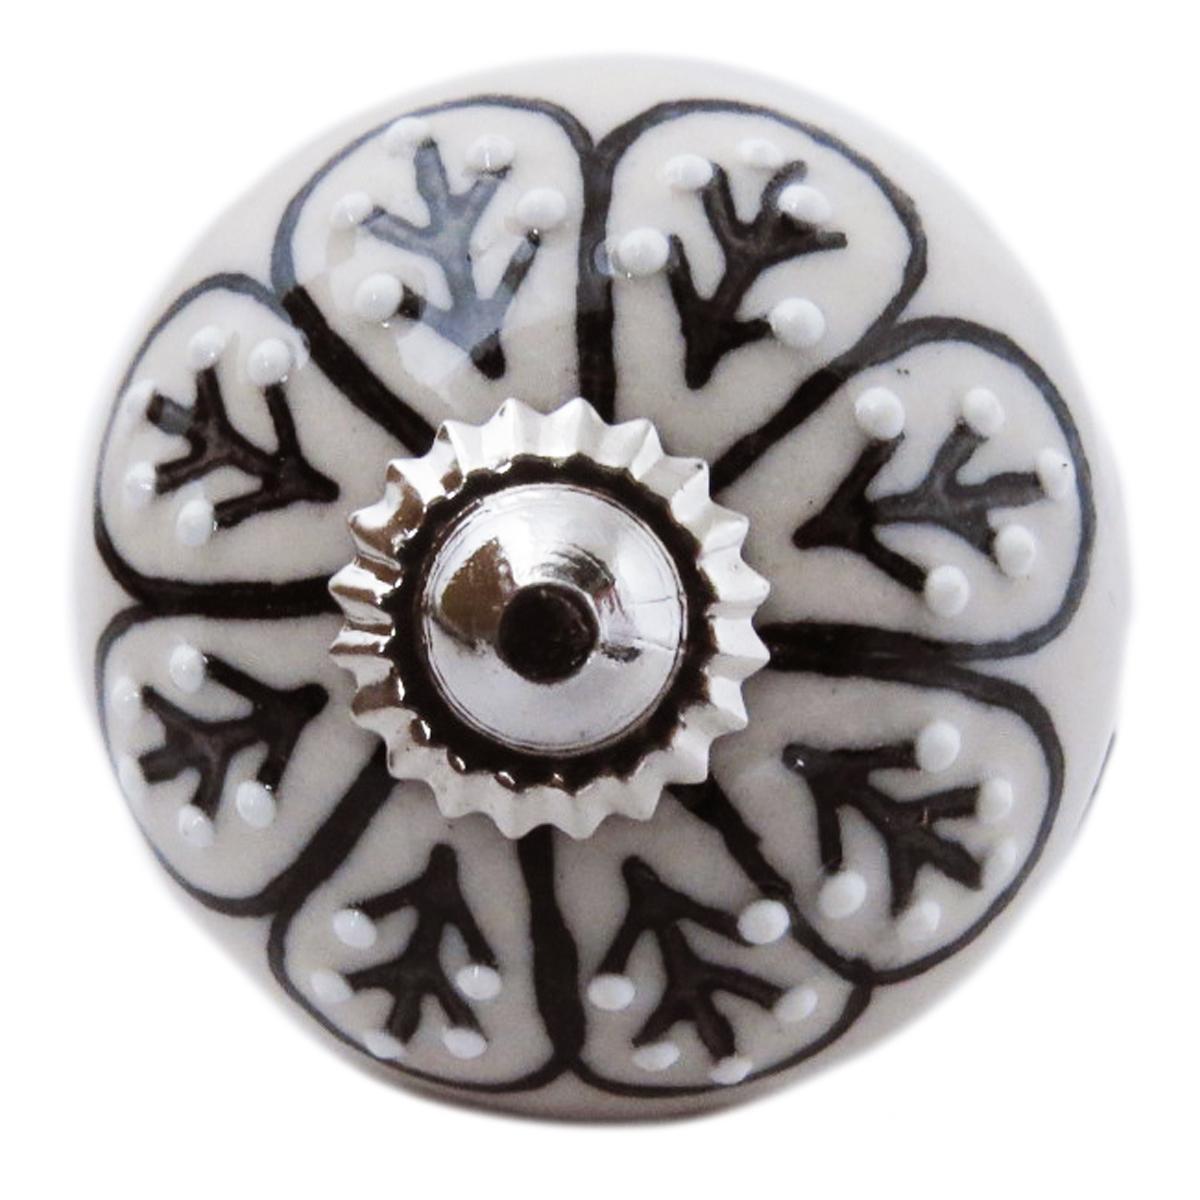 Bouton meuble céramique \'Boho\' gris noir argenté - 60x40 mm - [A3132]